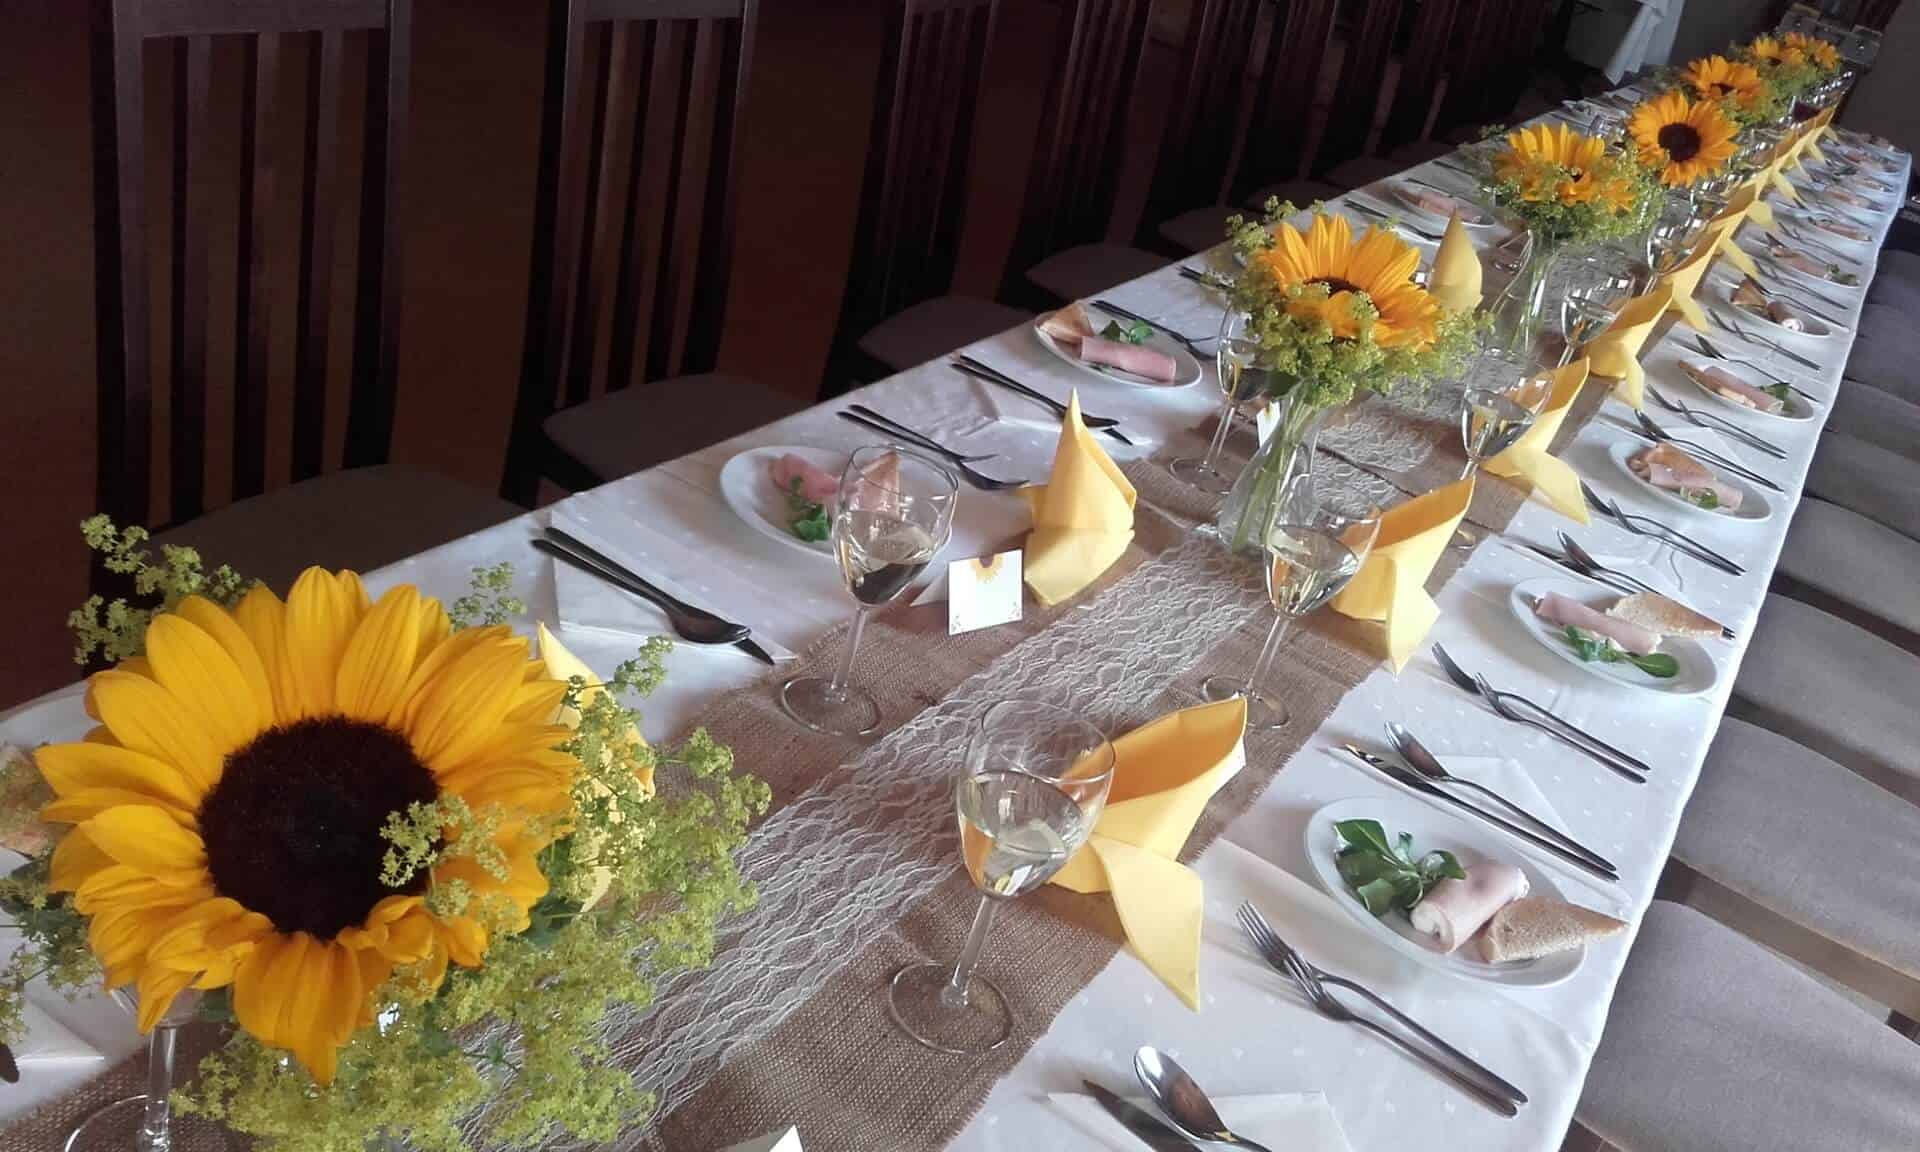 Penzion Slunečno - svatební tabule slunečnice